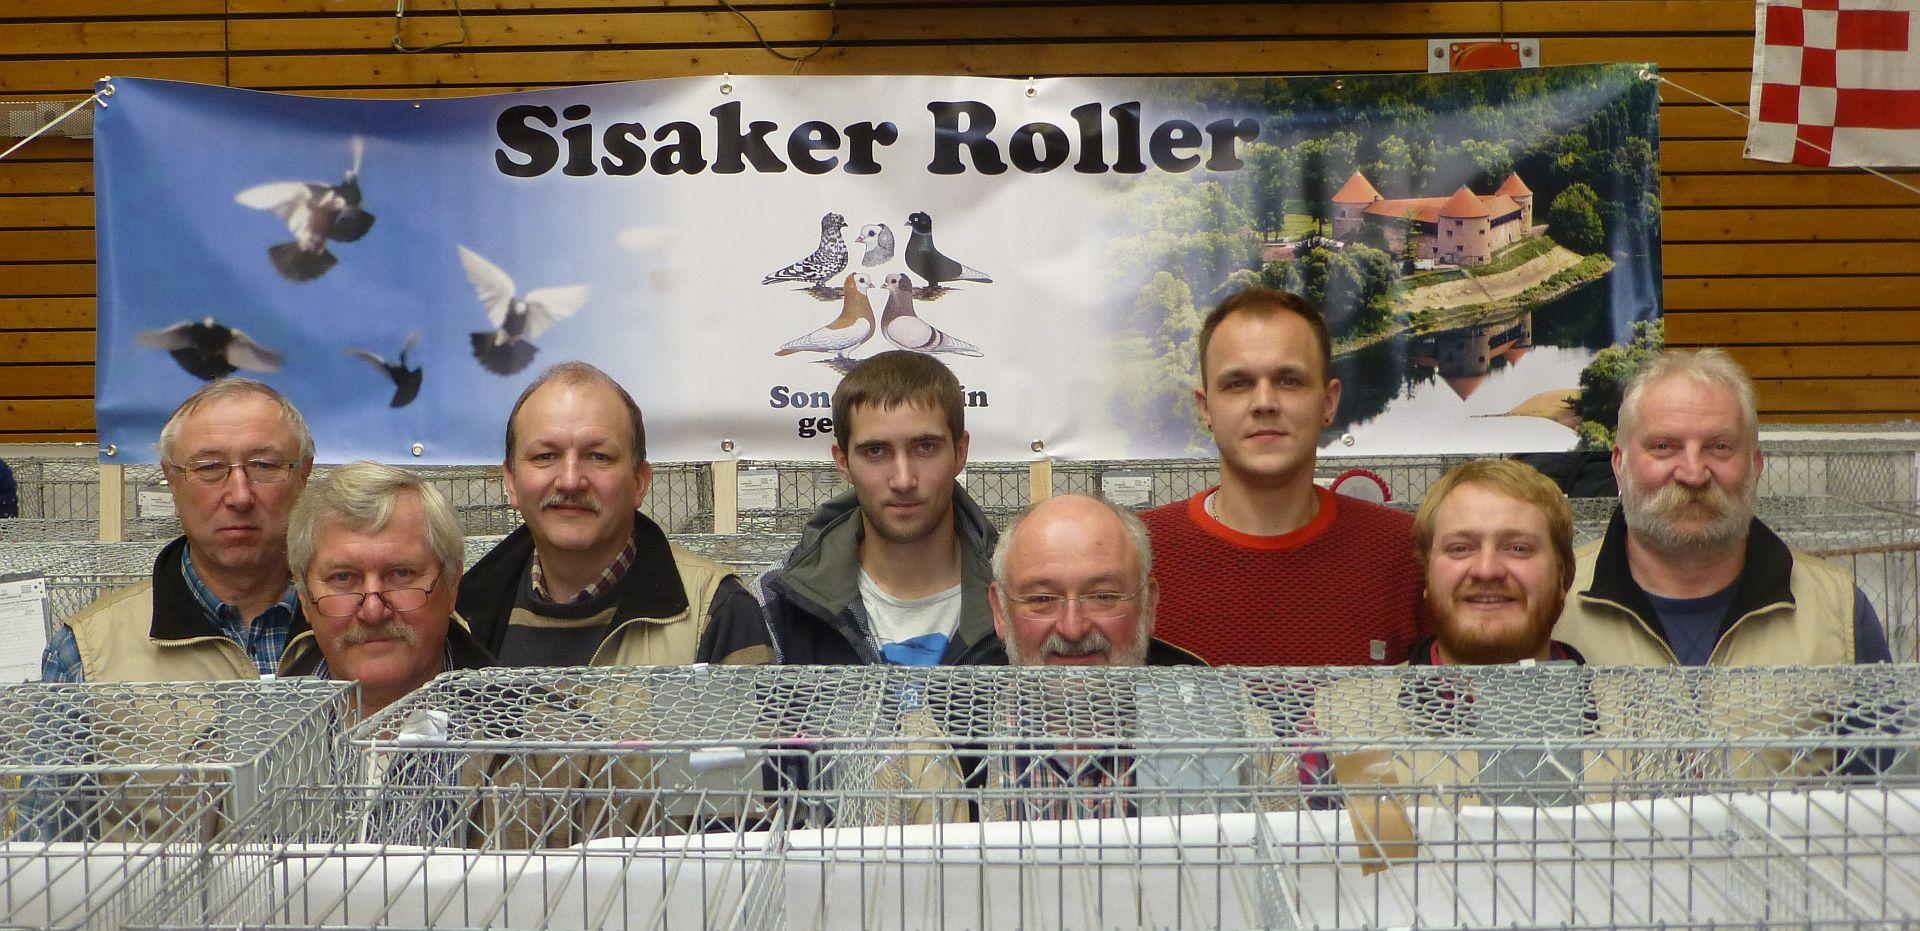 Sonderverein Der Züchter Der Sisaker Roller Verband Deutscher